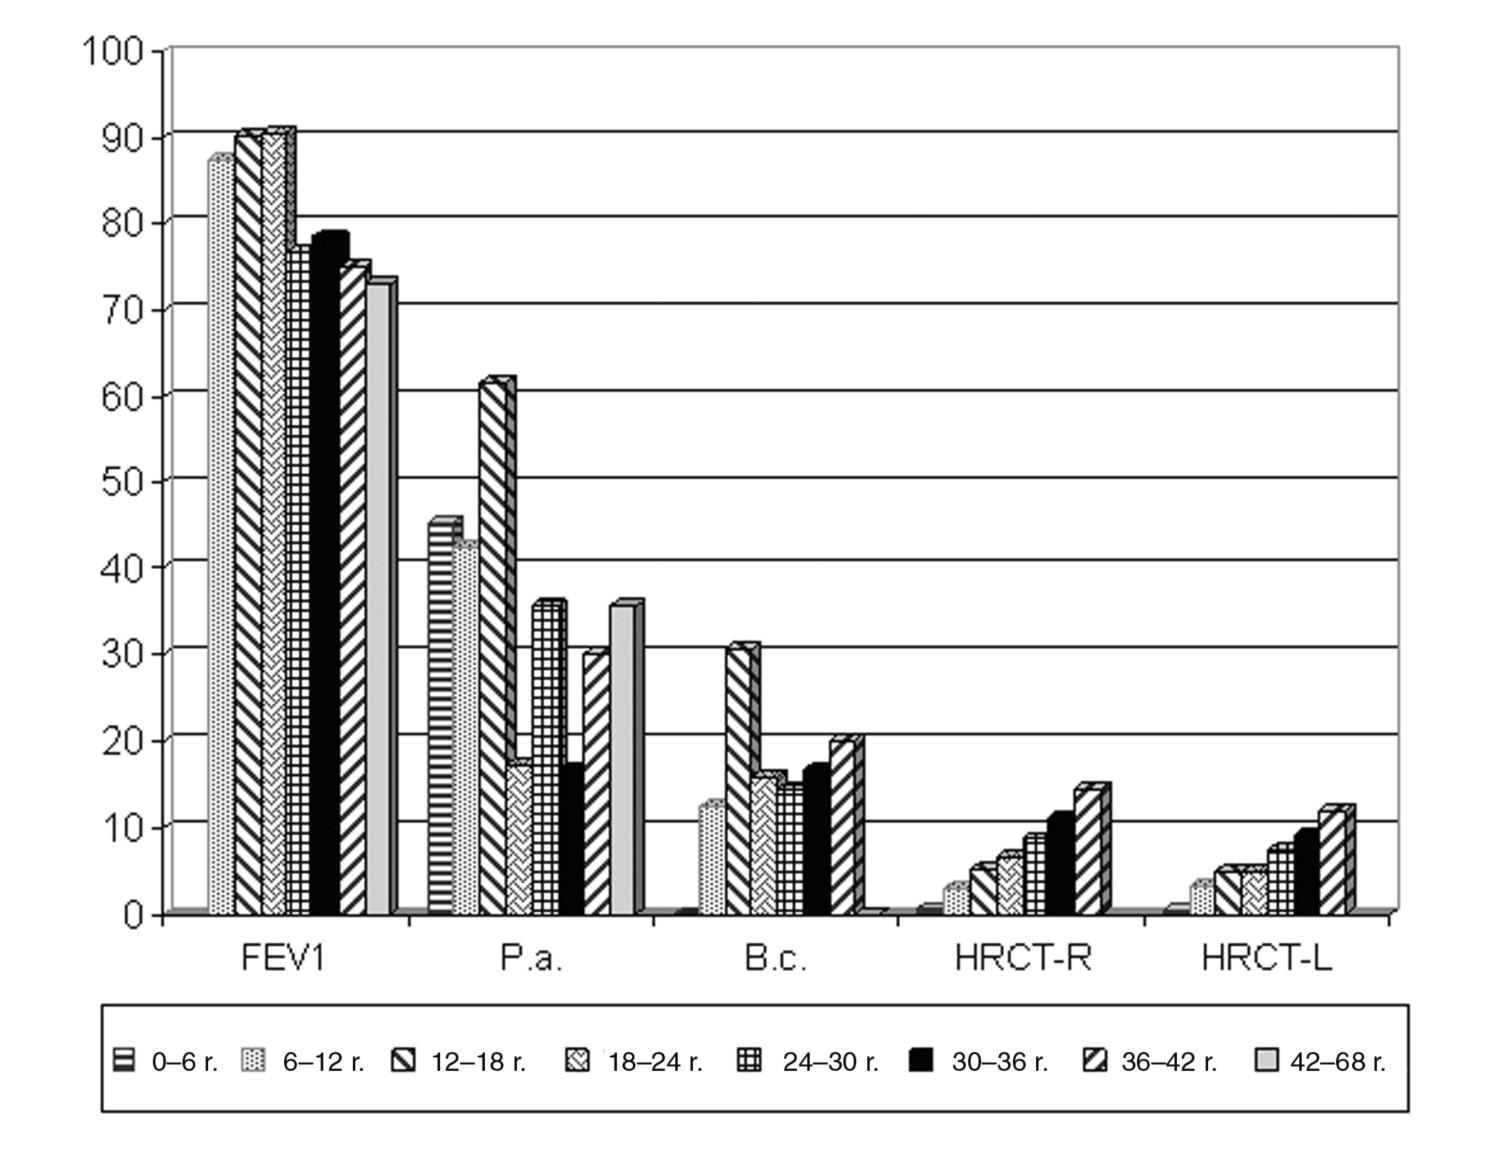 Závažnosť pľúcneho postihnutia v závislosti od veku. Priemerné parametre pľúcnych funkcií sú do veku 18 rokov v norme, u dospelých pacientov v pásme obštrukčnej ventilačnej poruchy ľahkého stupňa. Morfologické zmeny sú kontrolované HRCT vyšetrením každé 2–3 roky a napriek stabilizovaným pľúcnym funkciám je zjavná progresia ochorenia, vyjadrená stagingompodľa Bhalla (maximumbodov pri rozsiahlompostihnutí je 27). Priemerné skóre pre pravé pľúcne krídlo je 6,2, pre ľavé krídlo 5,0 bodov (v registri chýbajú údaje o HRCT u najstarších pacientov). 42,9 % pacientov bolo od priemerného veku 9,3 roka chronicky kolonizovaných Pseudomonas sp., 14,6 % Burkholderia sp. vo veku 15,2 roka. Skratky: FEV1 – jednosekundový úsilný výdych, P.a. – Pseudomonas aeruginosa, B.c. – Burkholderia cepacea, HRCT-R – high resolution CT – pravé pľúcne krídlo, HRCT-L – high resolution CT – ľavé pľúcne krídlo